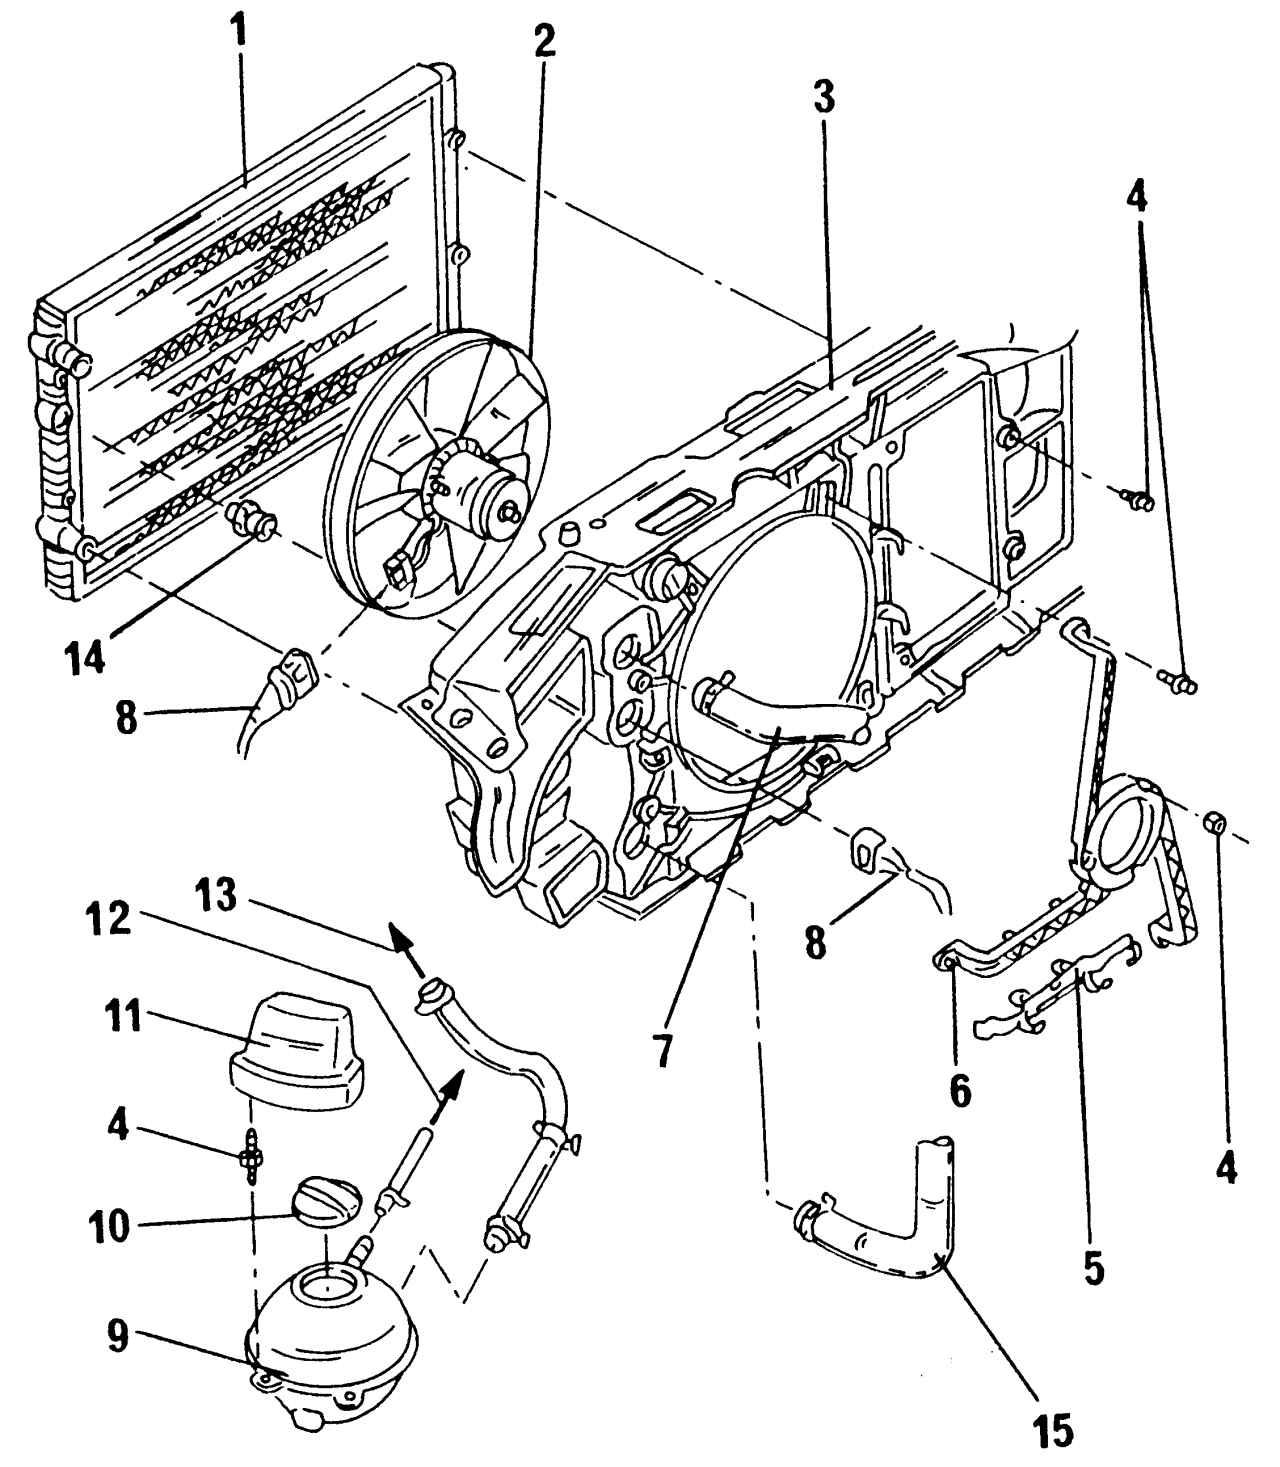 Крепление радиатора: 1 - радиатор; 2 - вентилятор; 3 - держатель замка капота; 4 - болты, 10 Н·м; 5 - крепление...